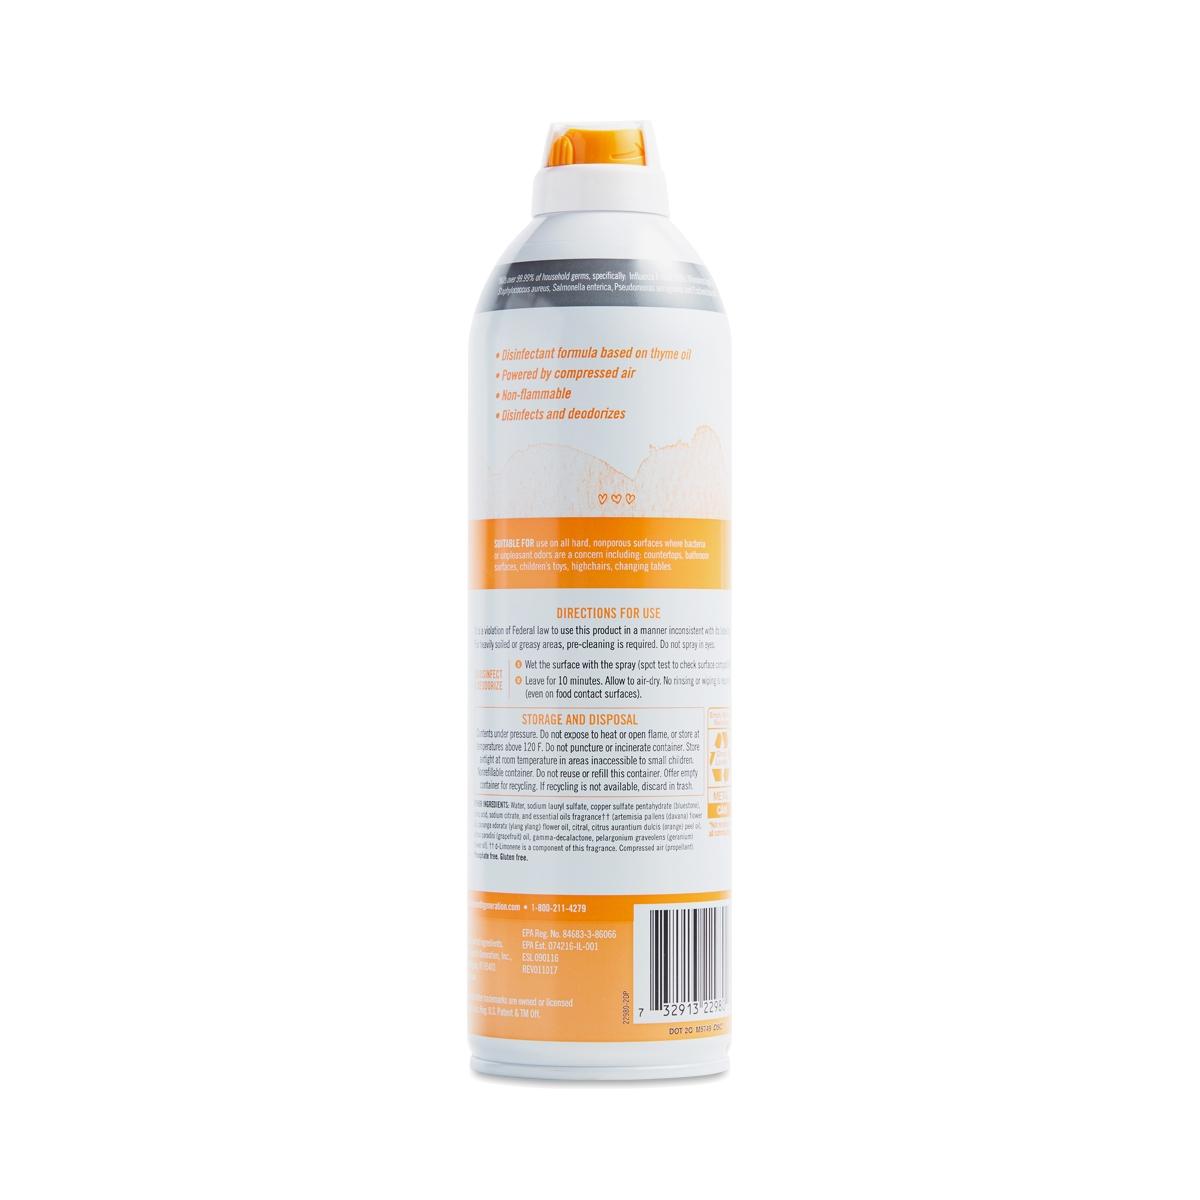 Fresh Citrus Air Care Disinfectant Spray